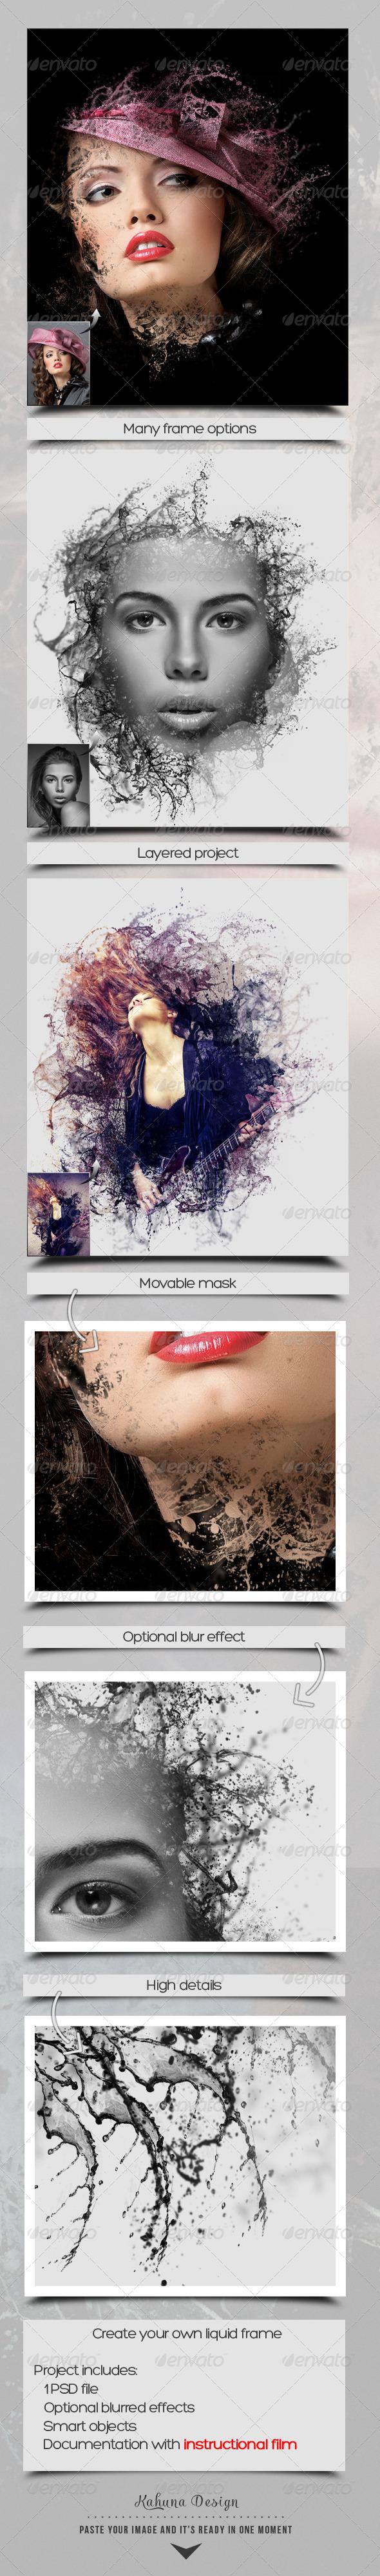 GraphicRiver Liquid Frame Maker 6644735